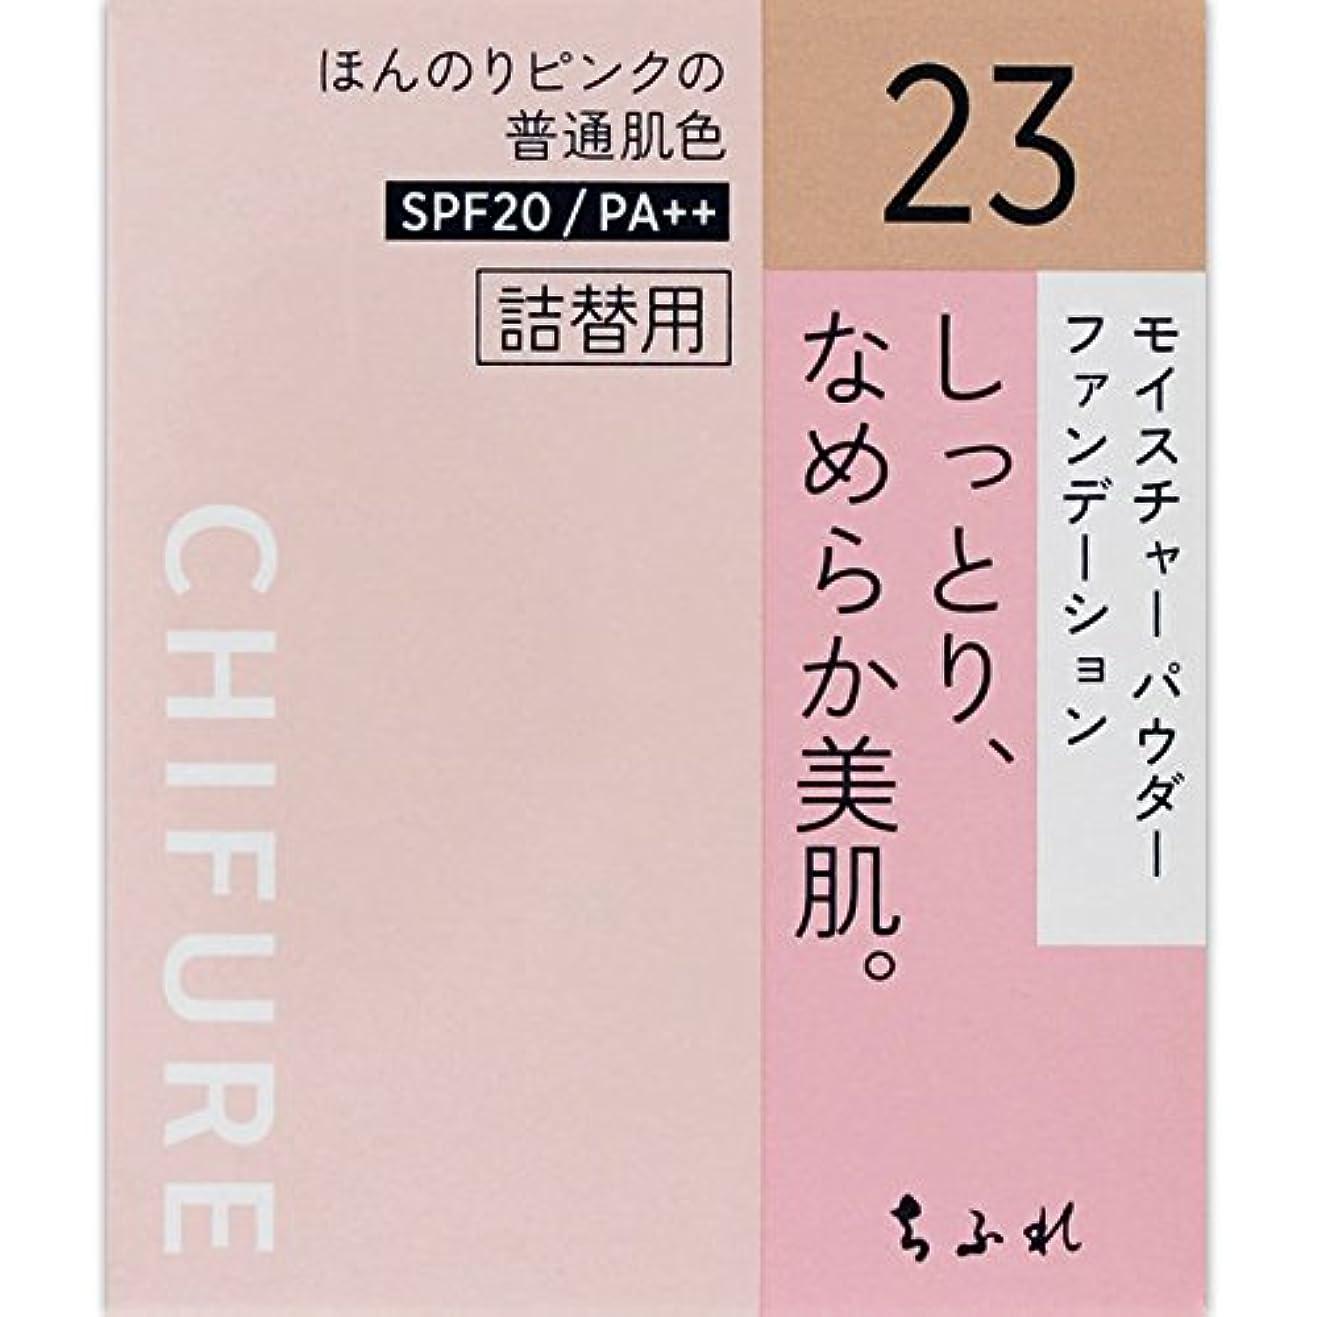 協力的二チェスをするちふれ化粧品 モイスチャー パウダーファンデーション 詰替用 ピンクオークル系 MパウダーFD詰替用23